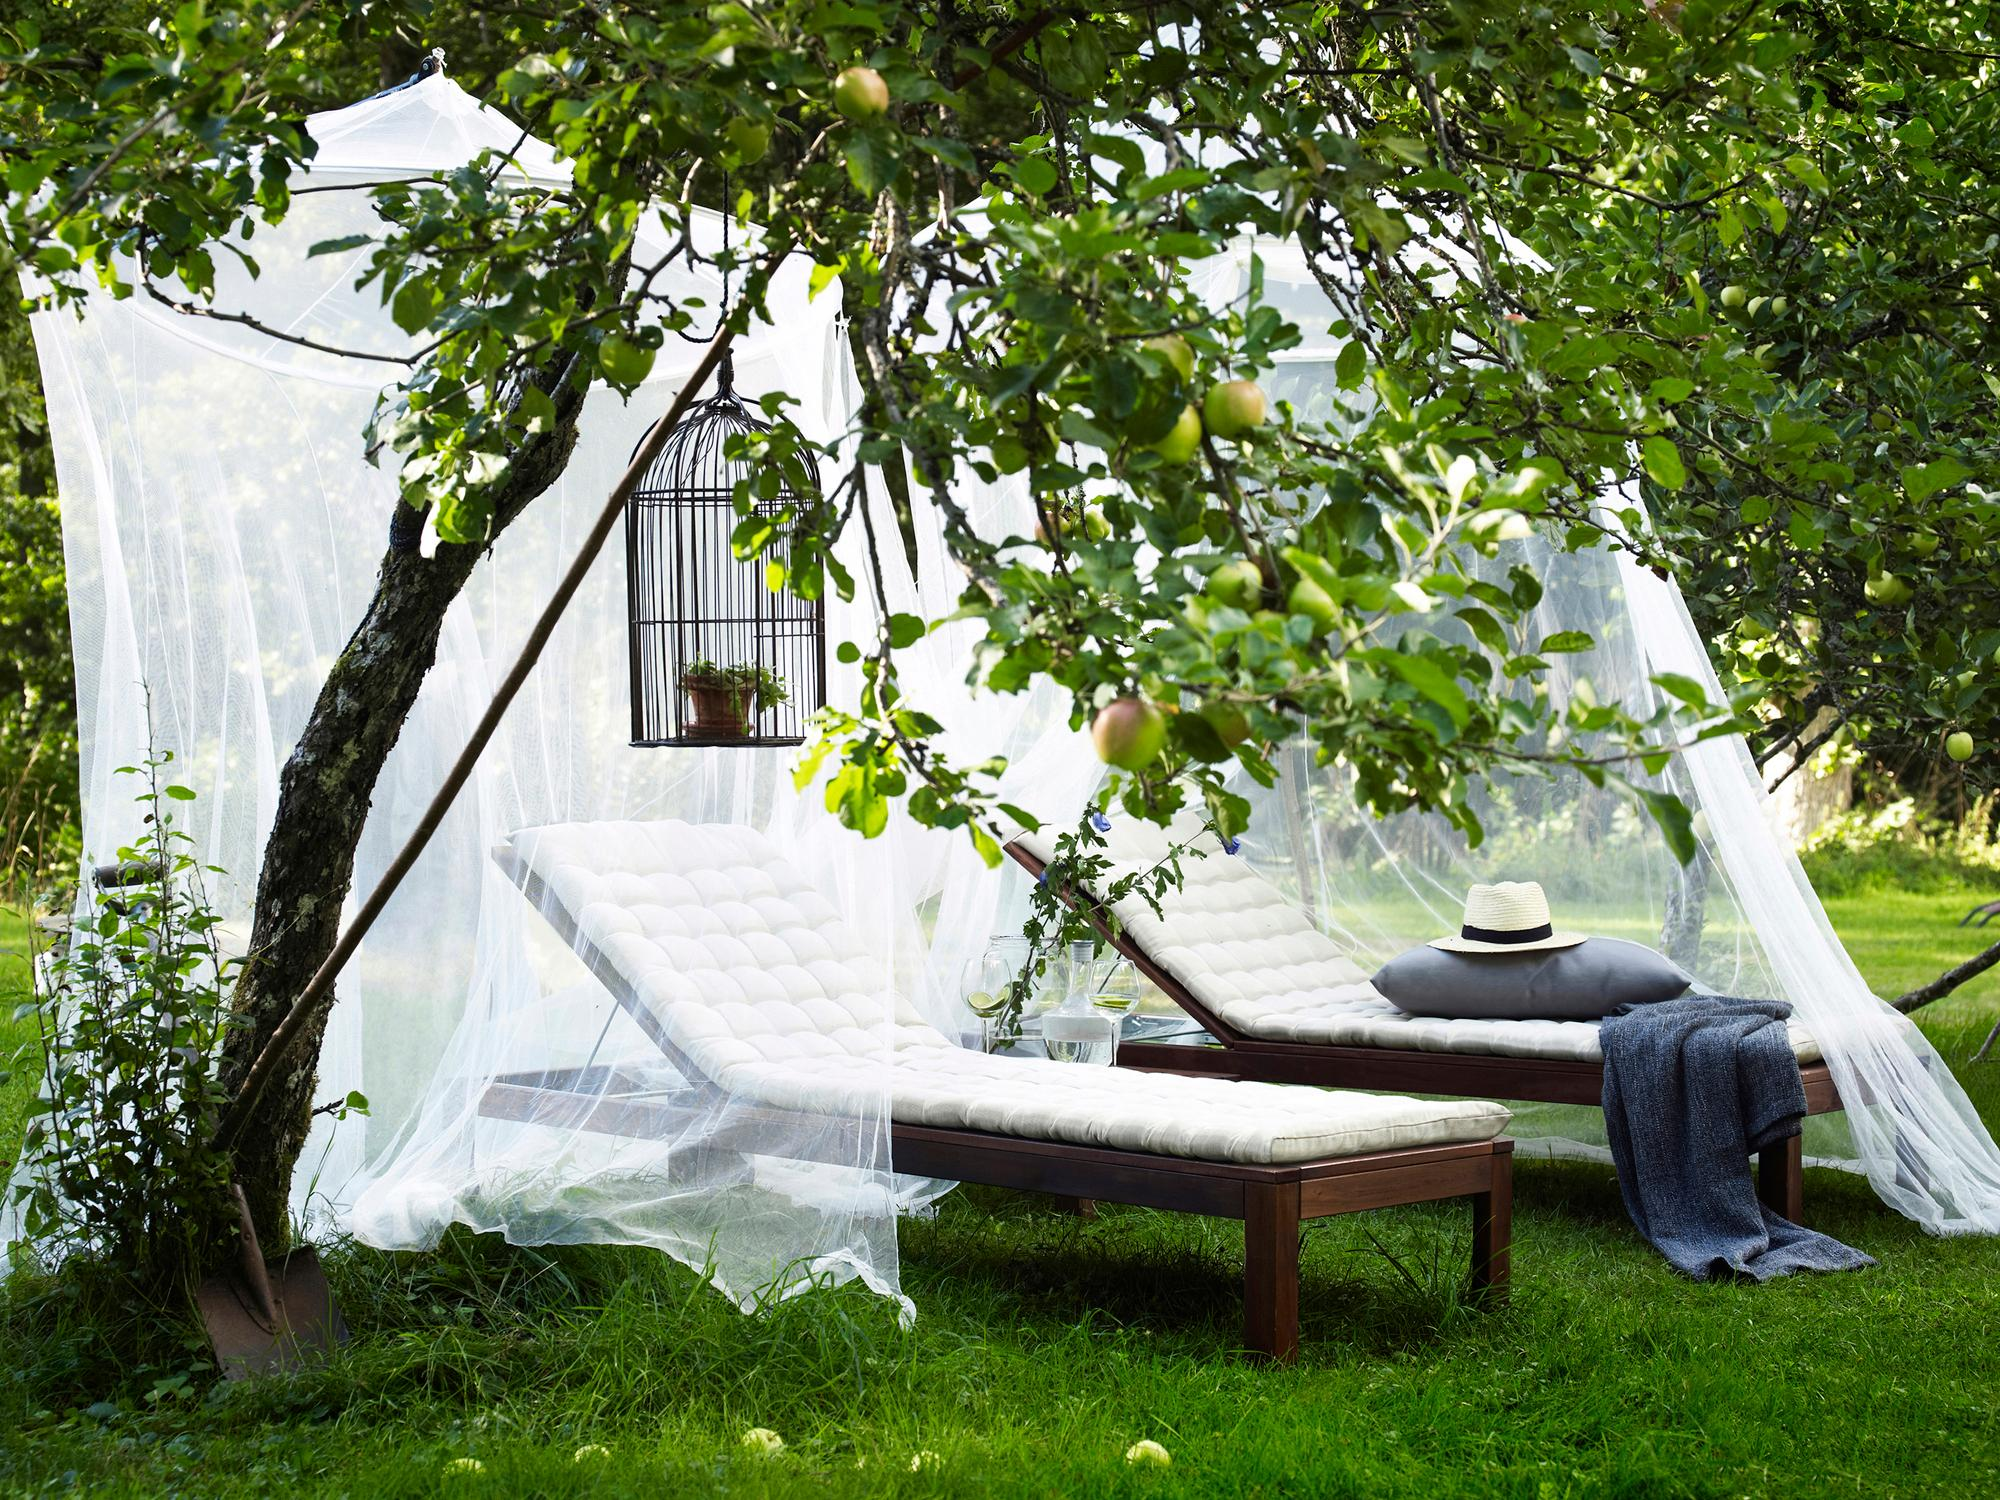 Full Size of Sonnenliege Ikea Ruheoase Mit Baldachinen Baldachin Sonnenlie Küche Kaufen Kosten Betten 160x200 Sofa Schlaffunktion Miniküche Modulküche Bei Wohnzimmer Sonnenliege Ikea